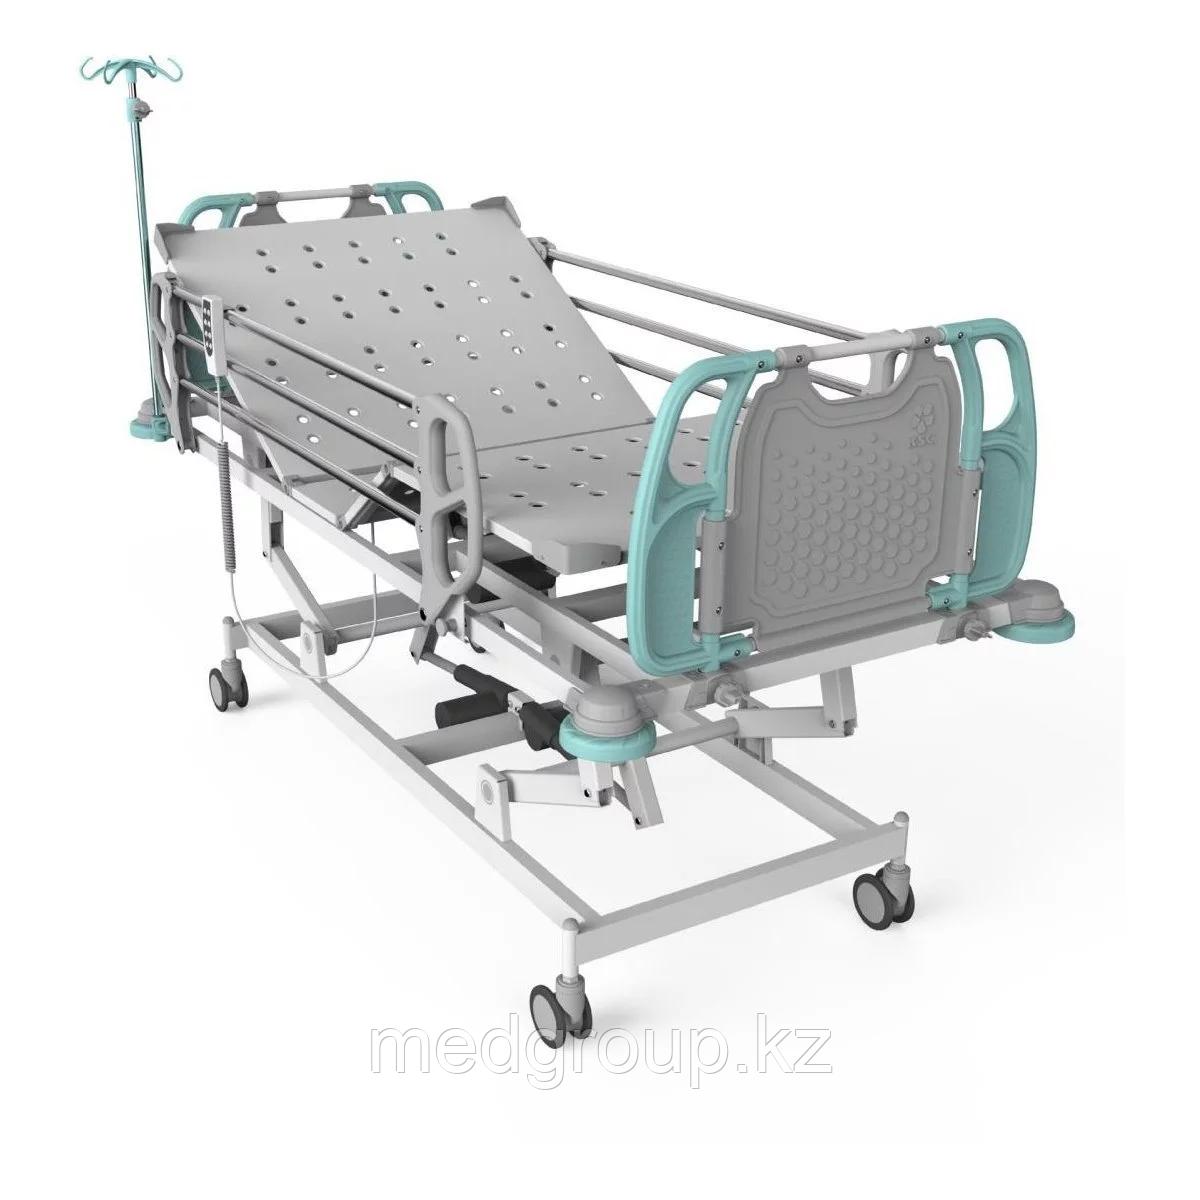 Кровать медицинская LISA LE-4